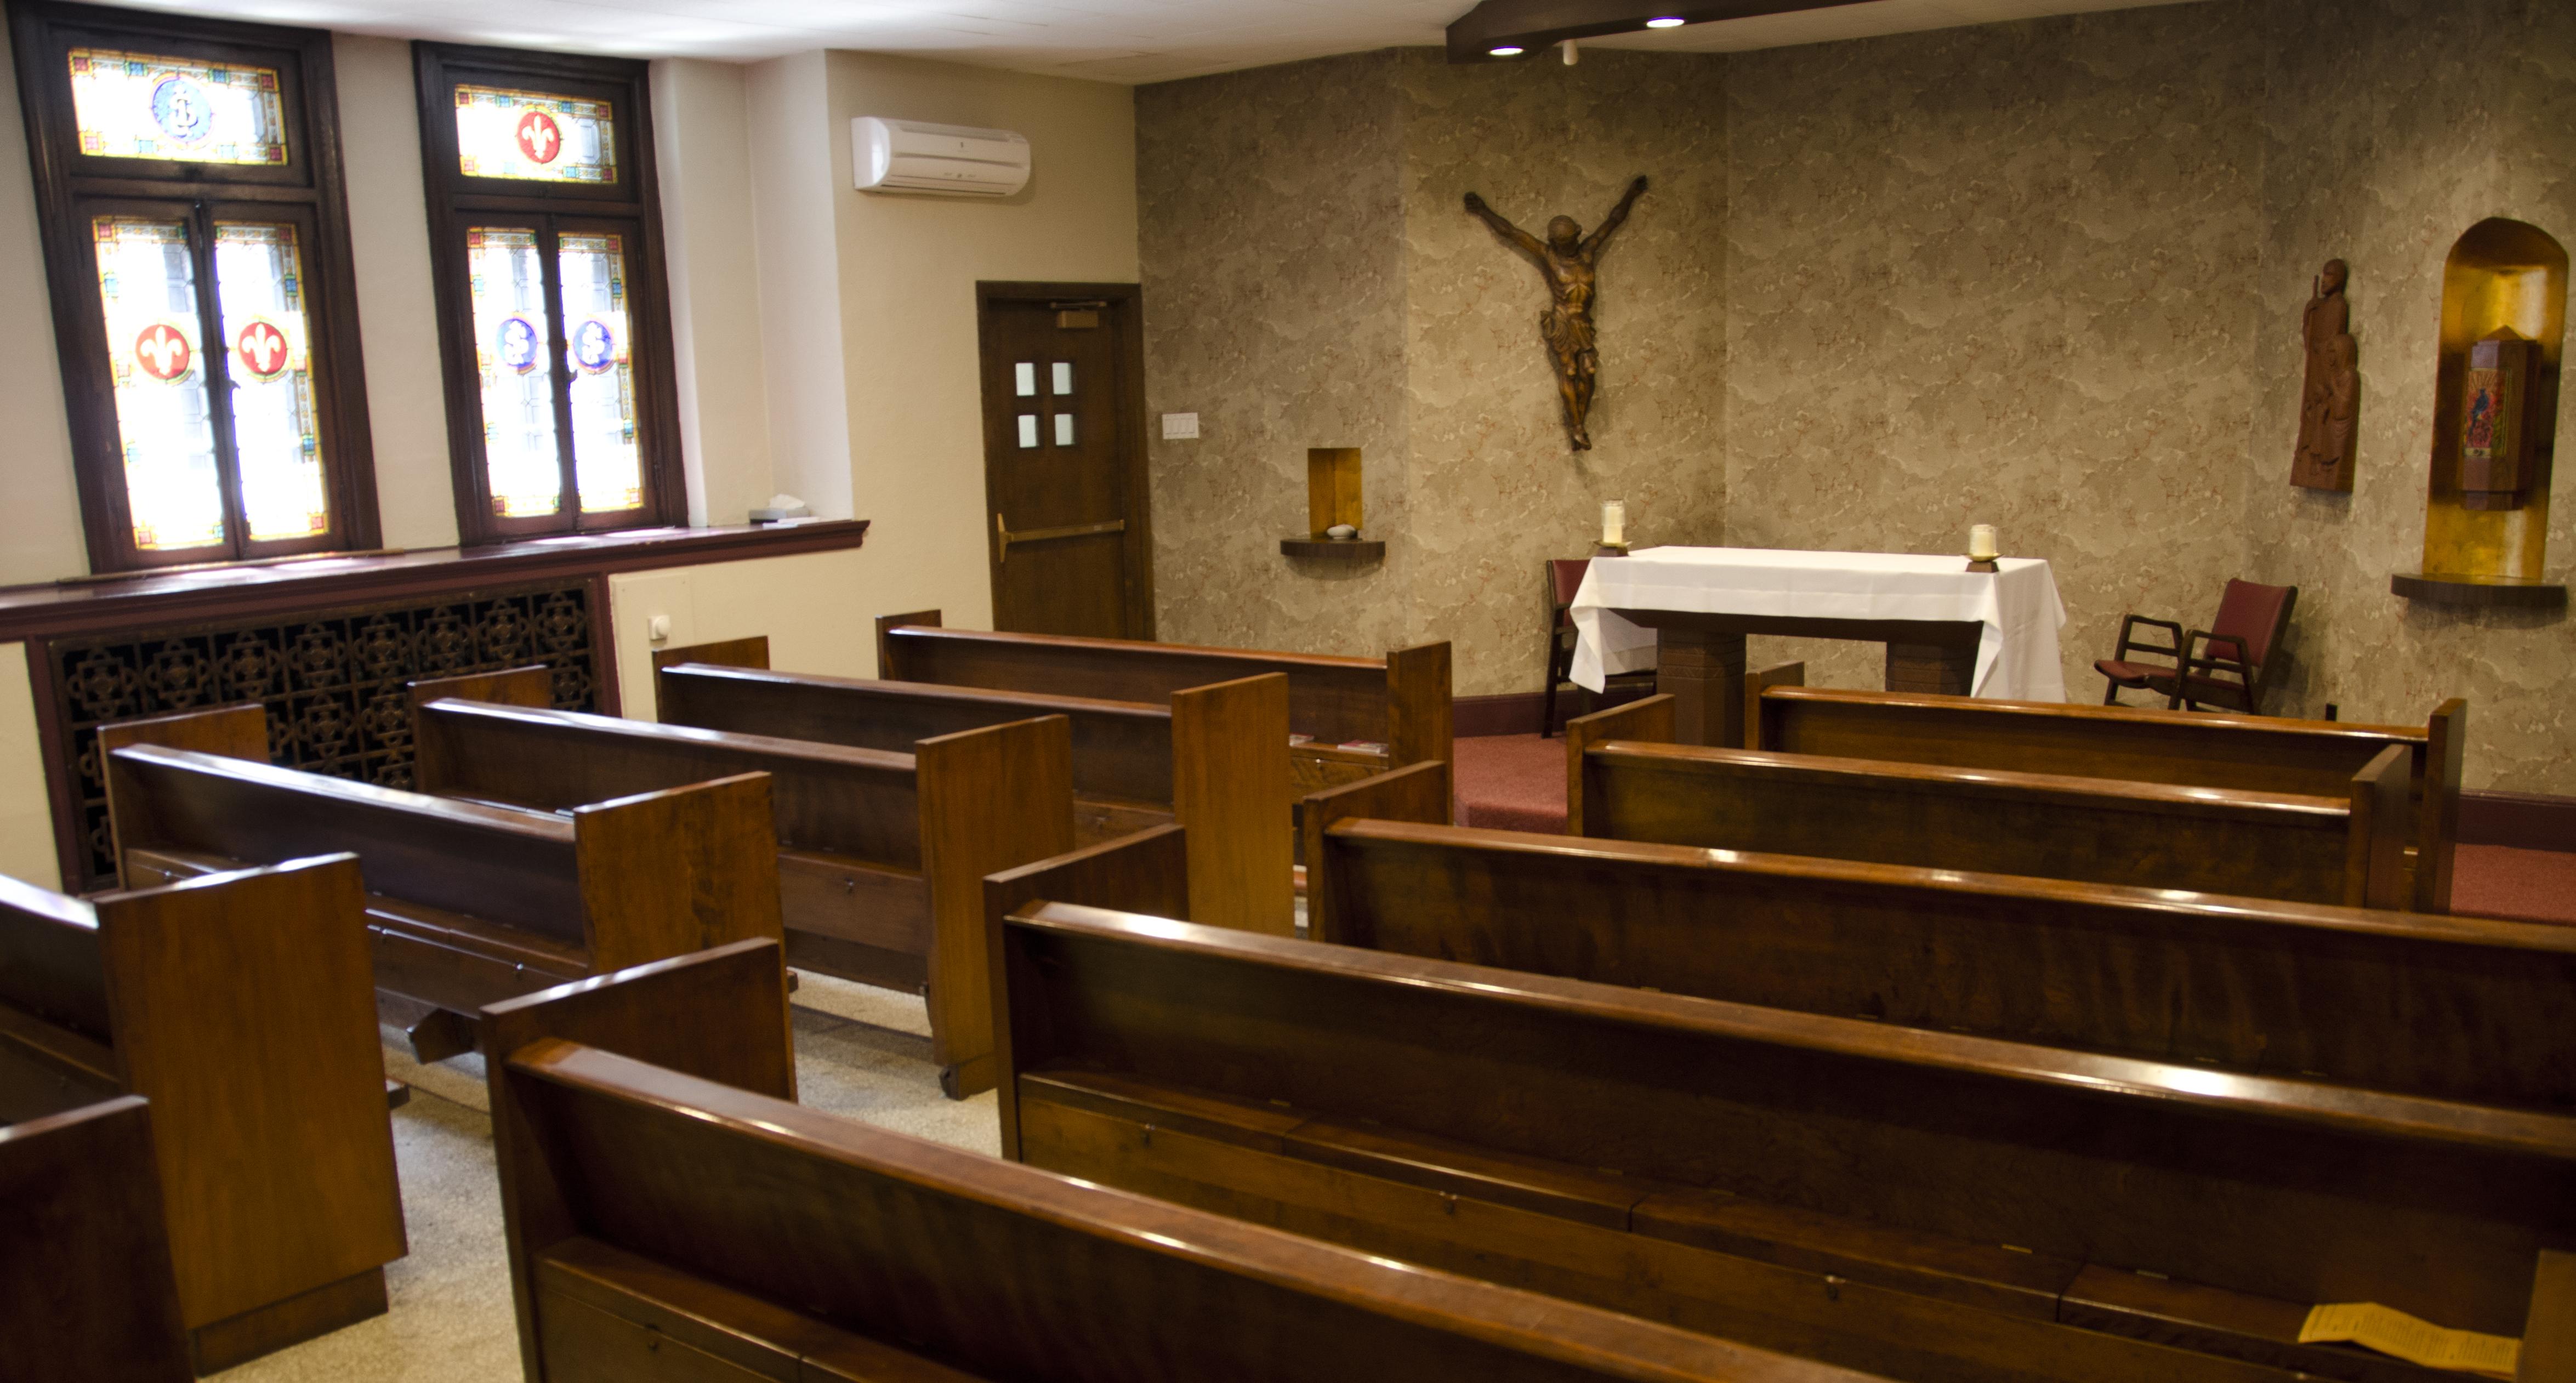 osj-lieudaccueil-votre-evenement-chapelle-de-la-communaute